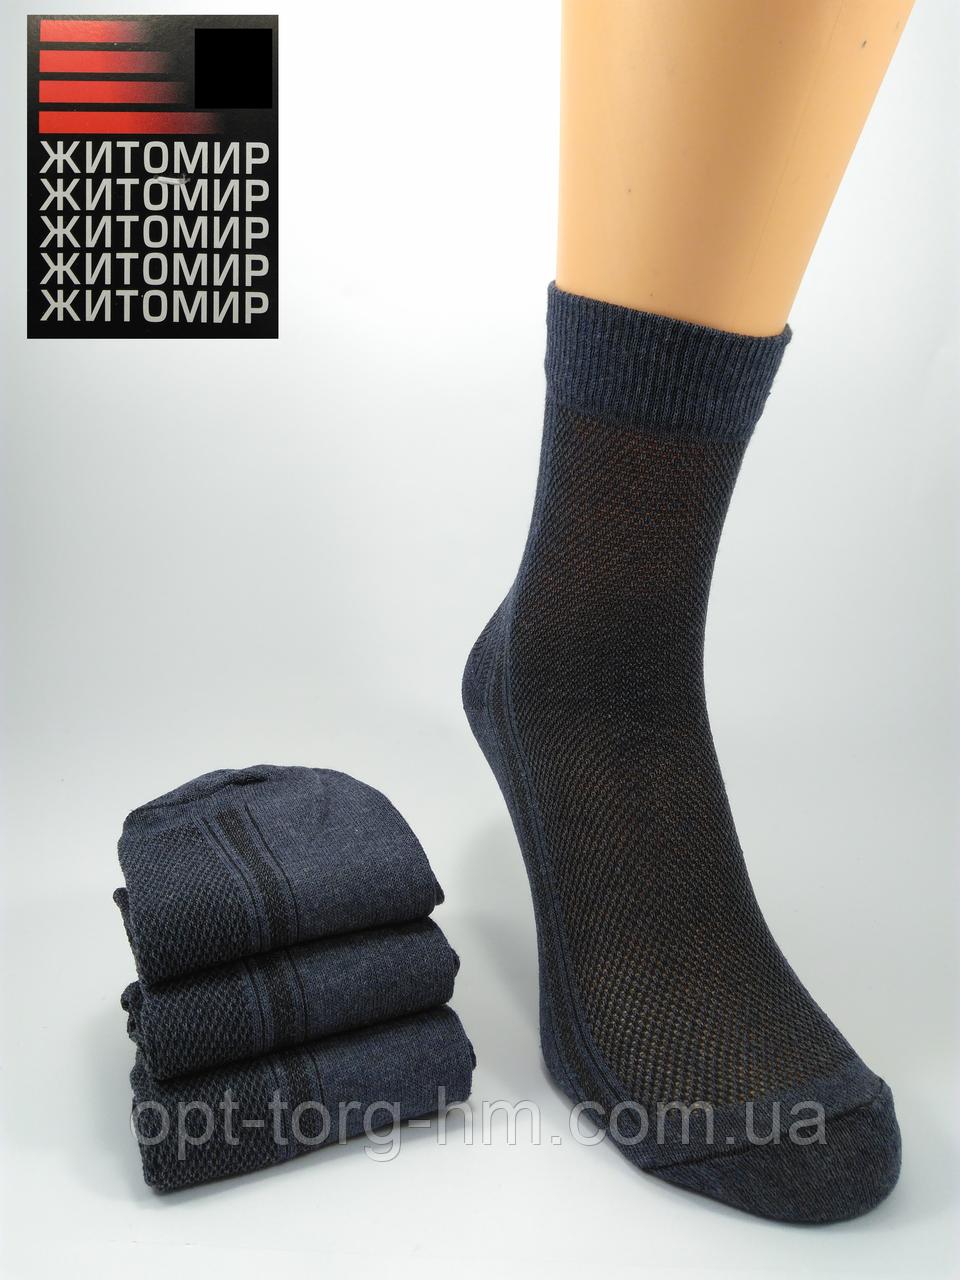 Носки Х/Б мужские сетка синие 31 (45-46 обувь)